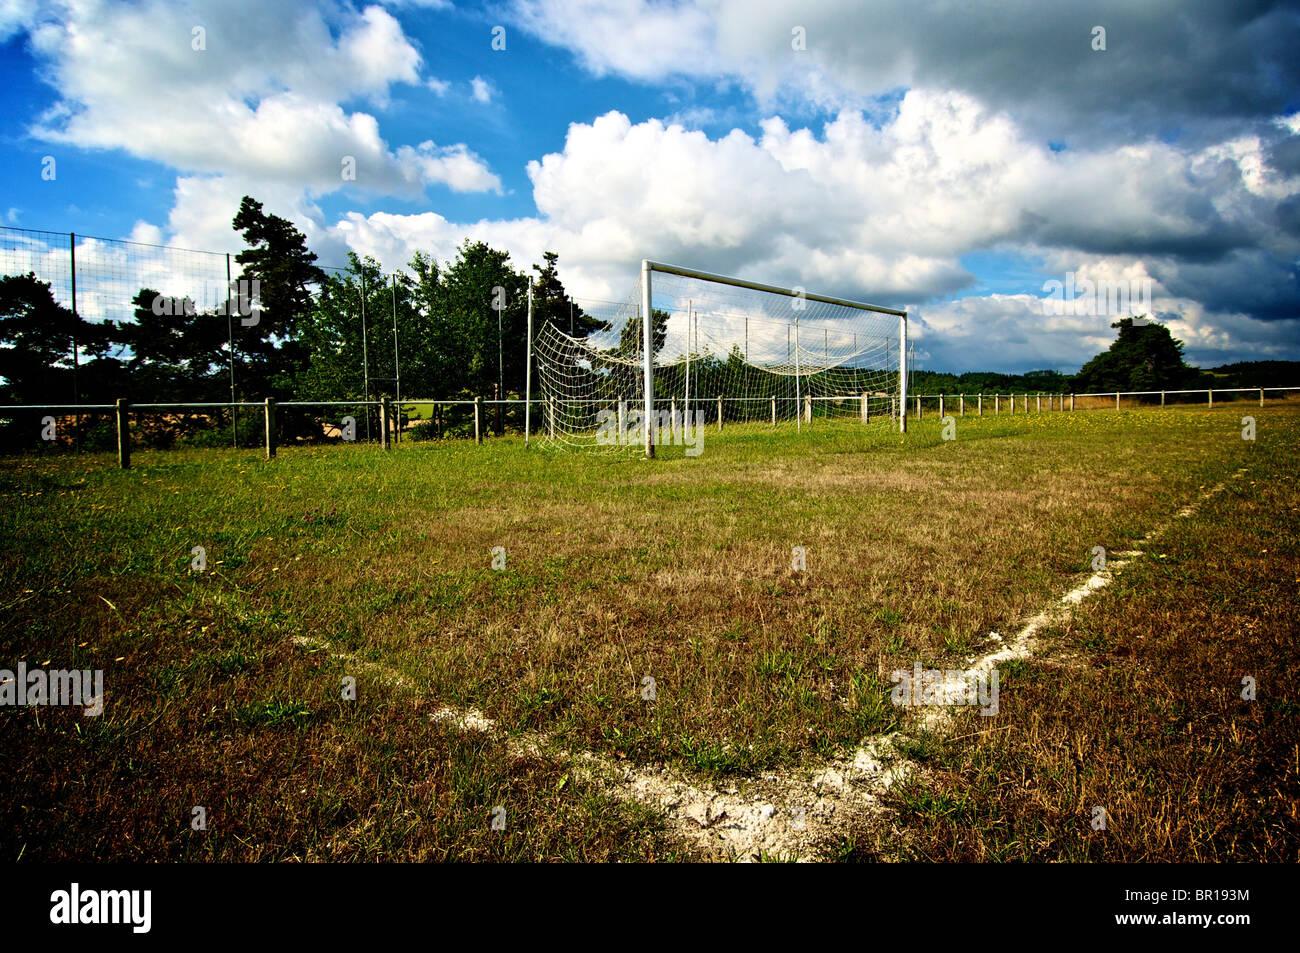 Portique et terrain de football Banque D'Images